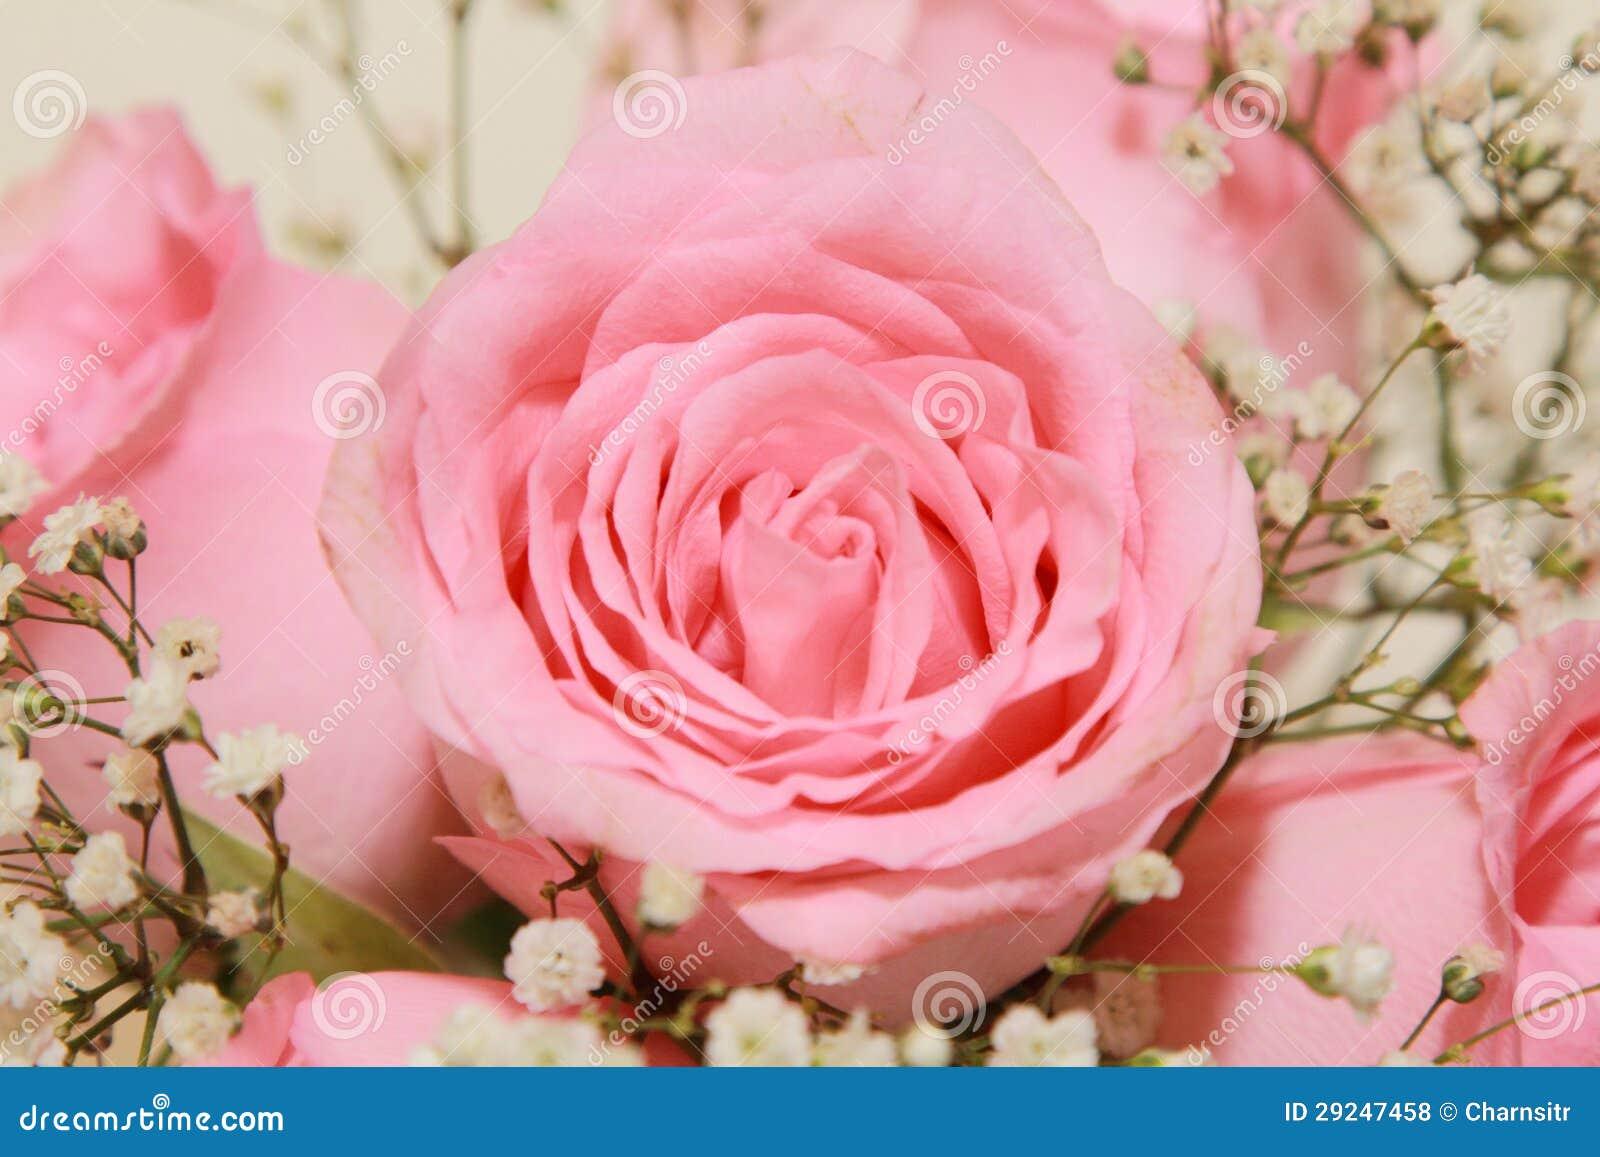 Download Fundo da rosa do rosa foto de stock. Imagem de feminine - 29247458